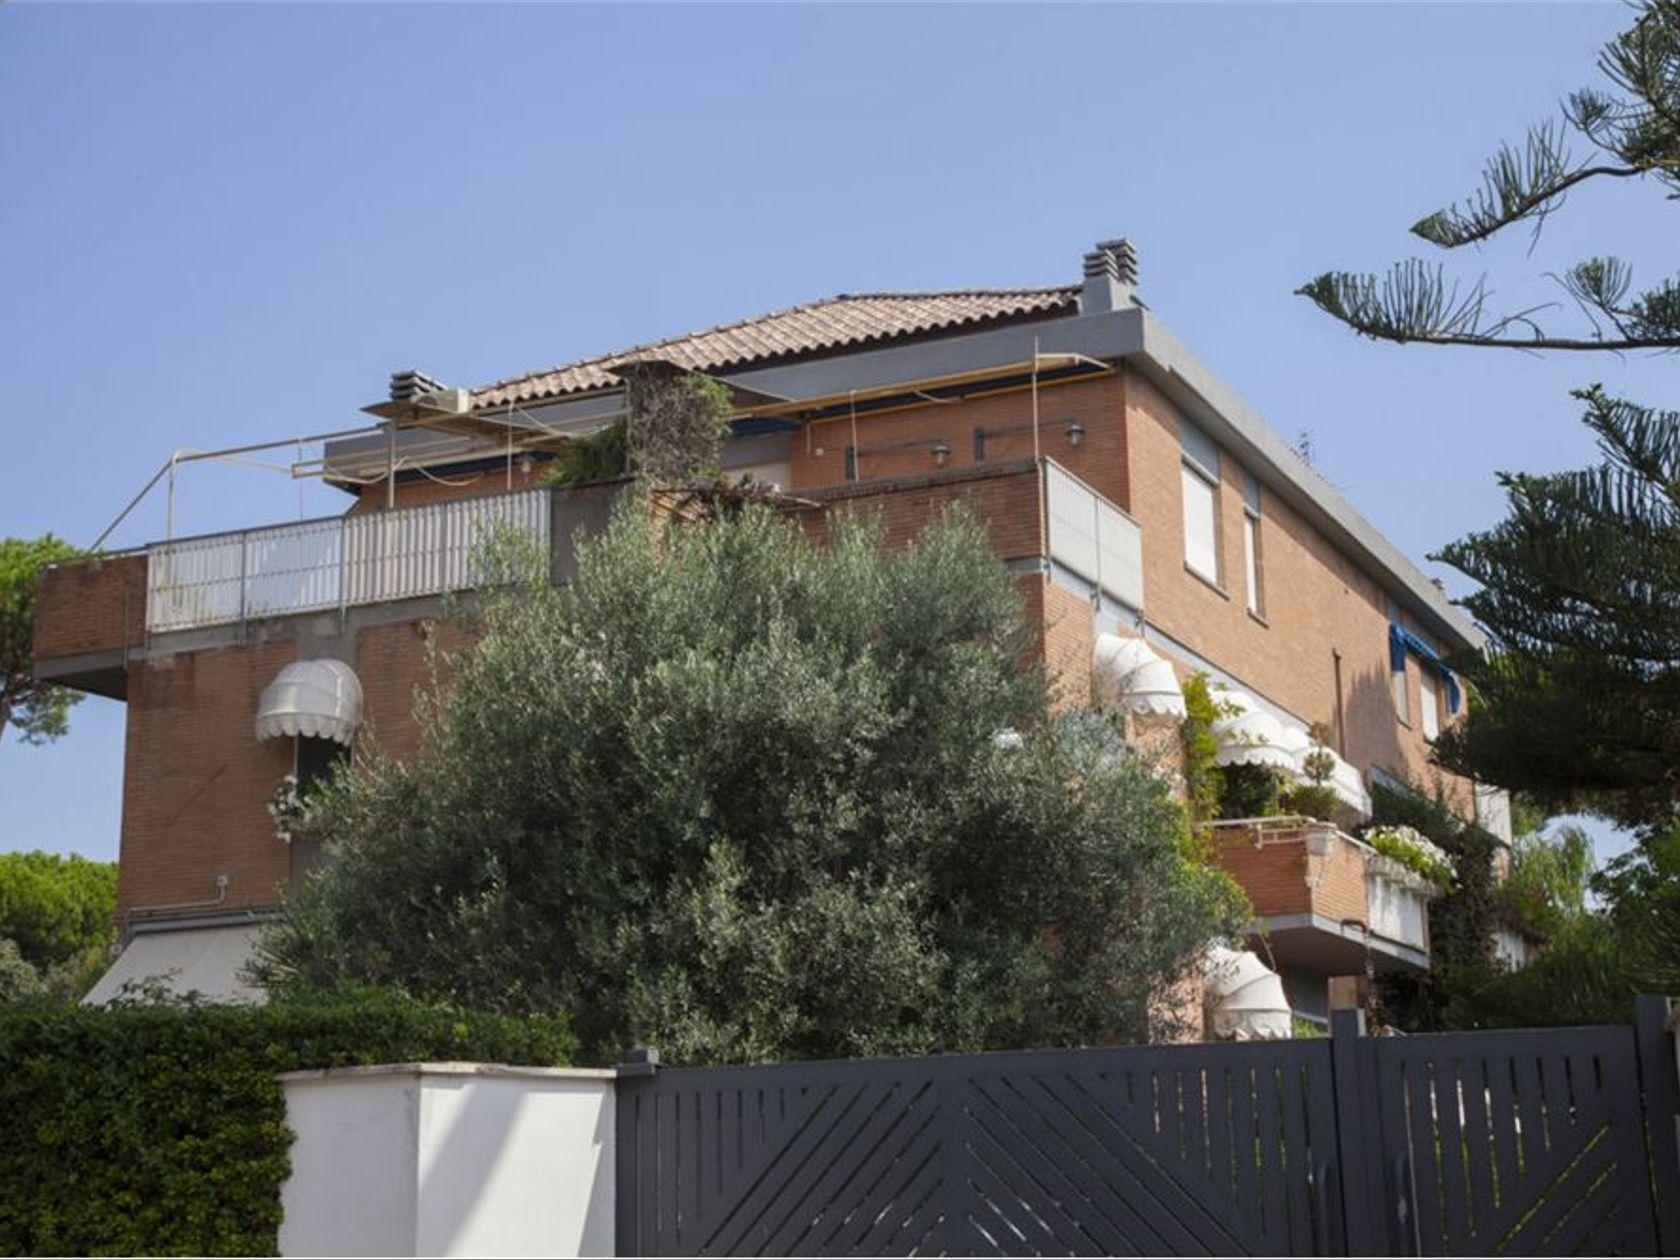 Attico/Mansarda Anzio-santa Teresa, Anzio, RM Vendita - Foto 39